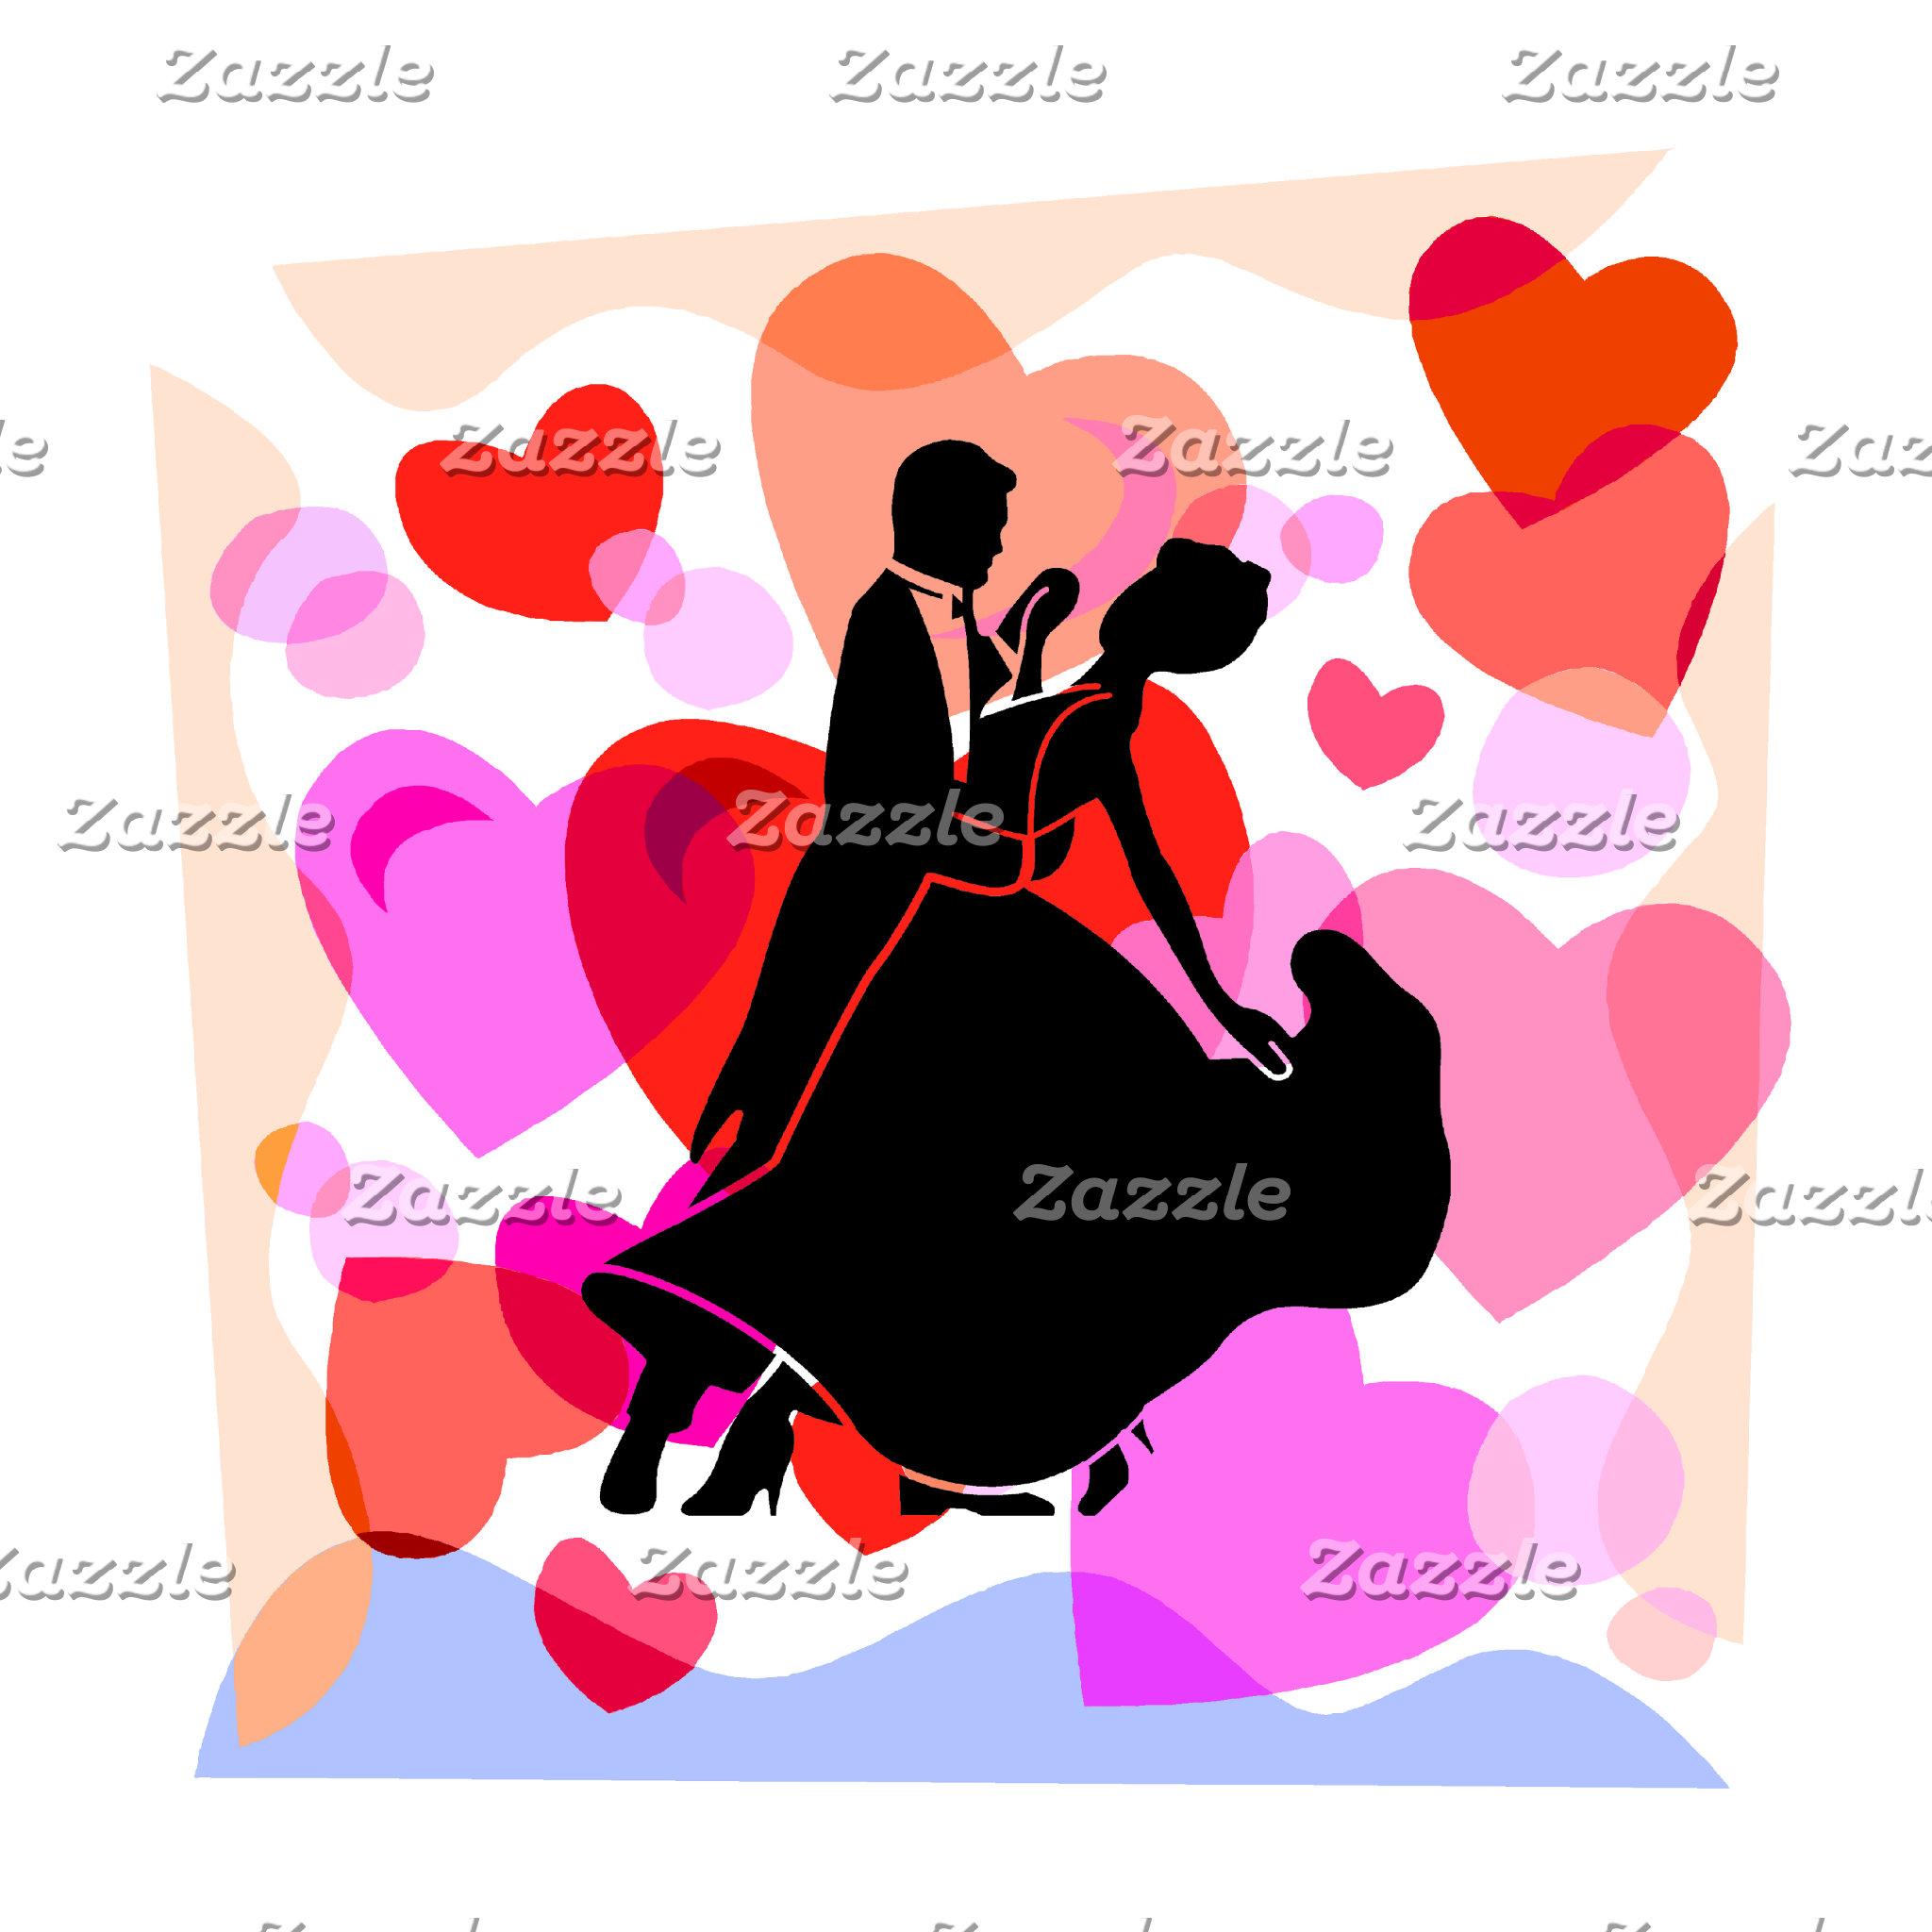 ballroom dancing hearts 2